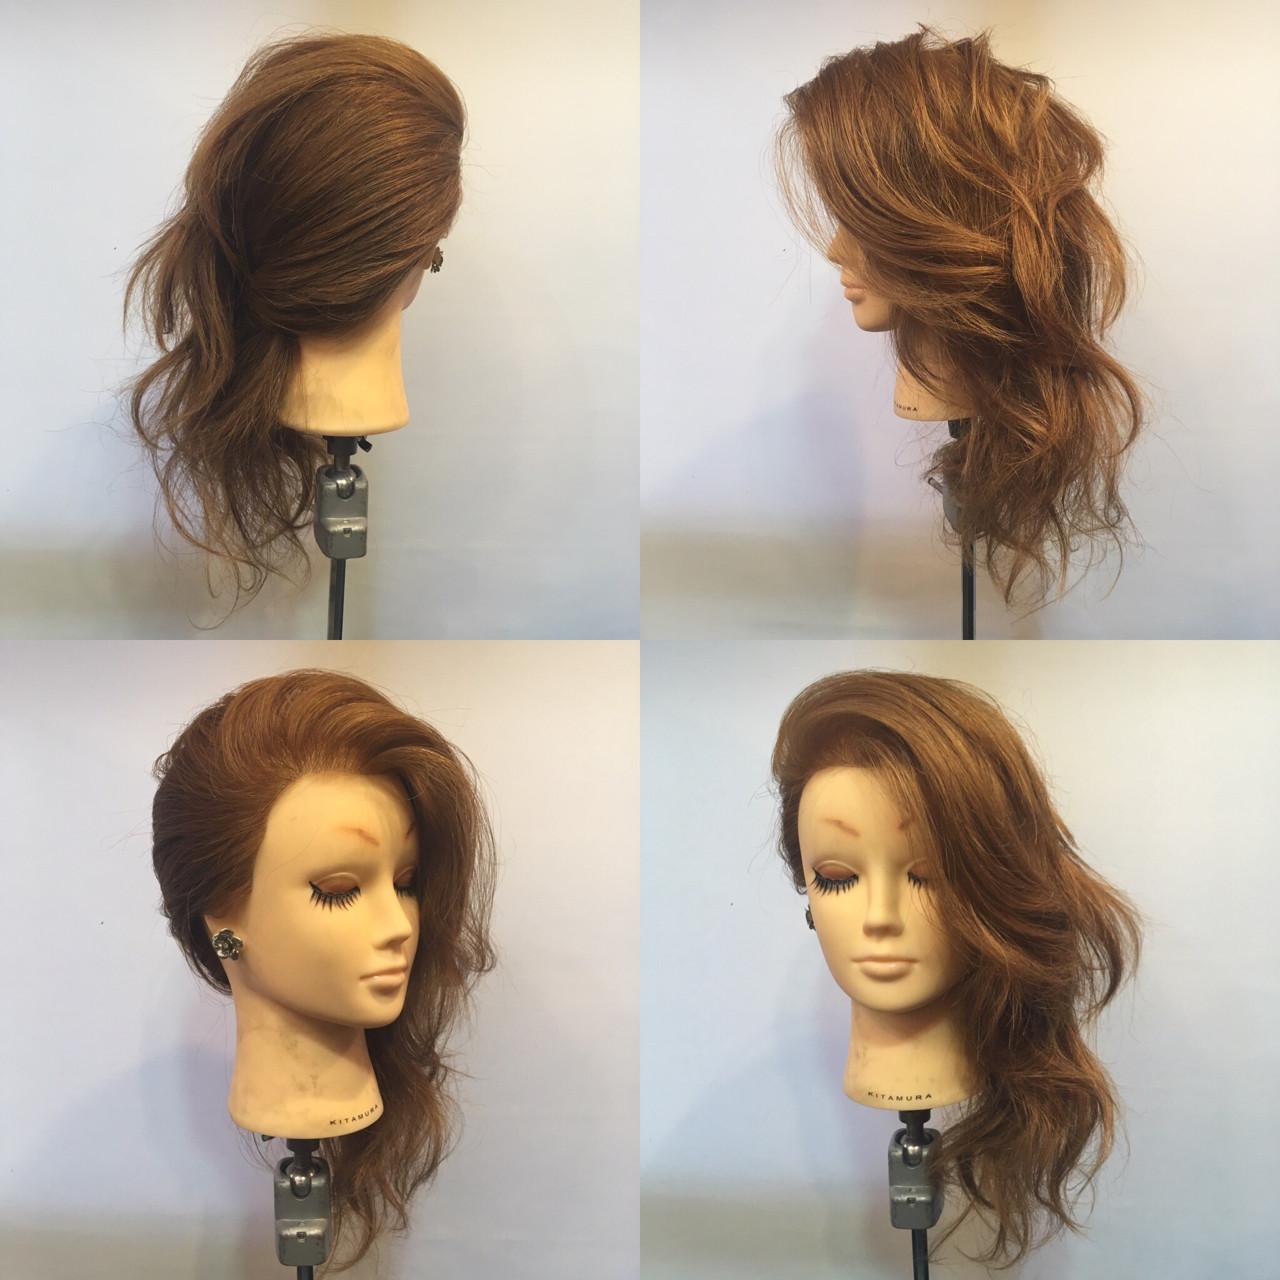 セミロング エレガント 結婚式 ヘアアレンジ ヘアスタイルや髪型の写真・画像